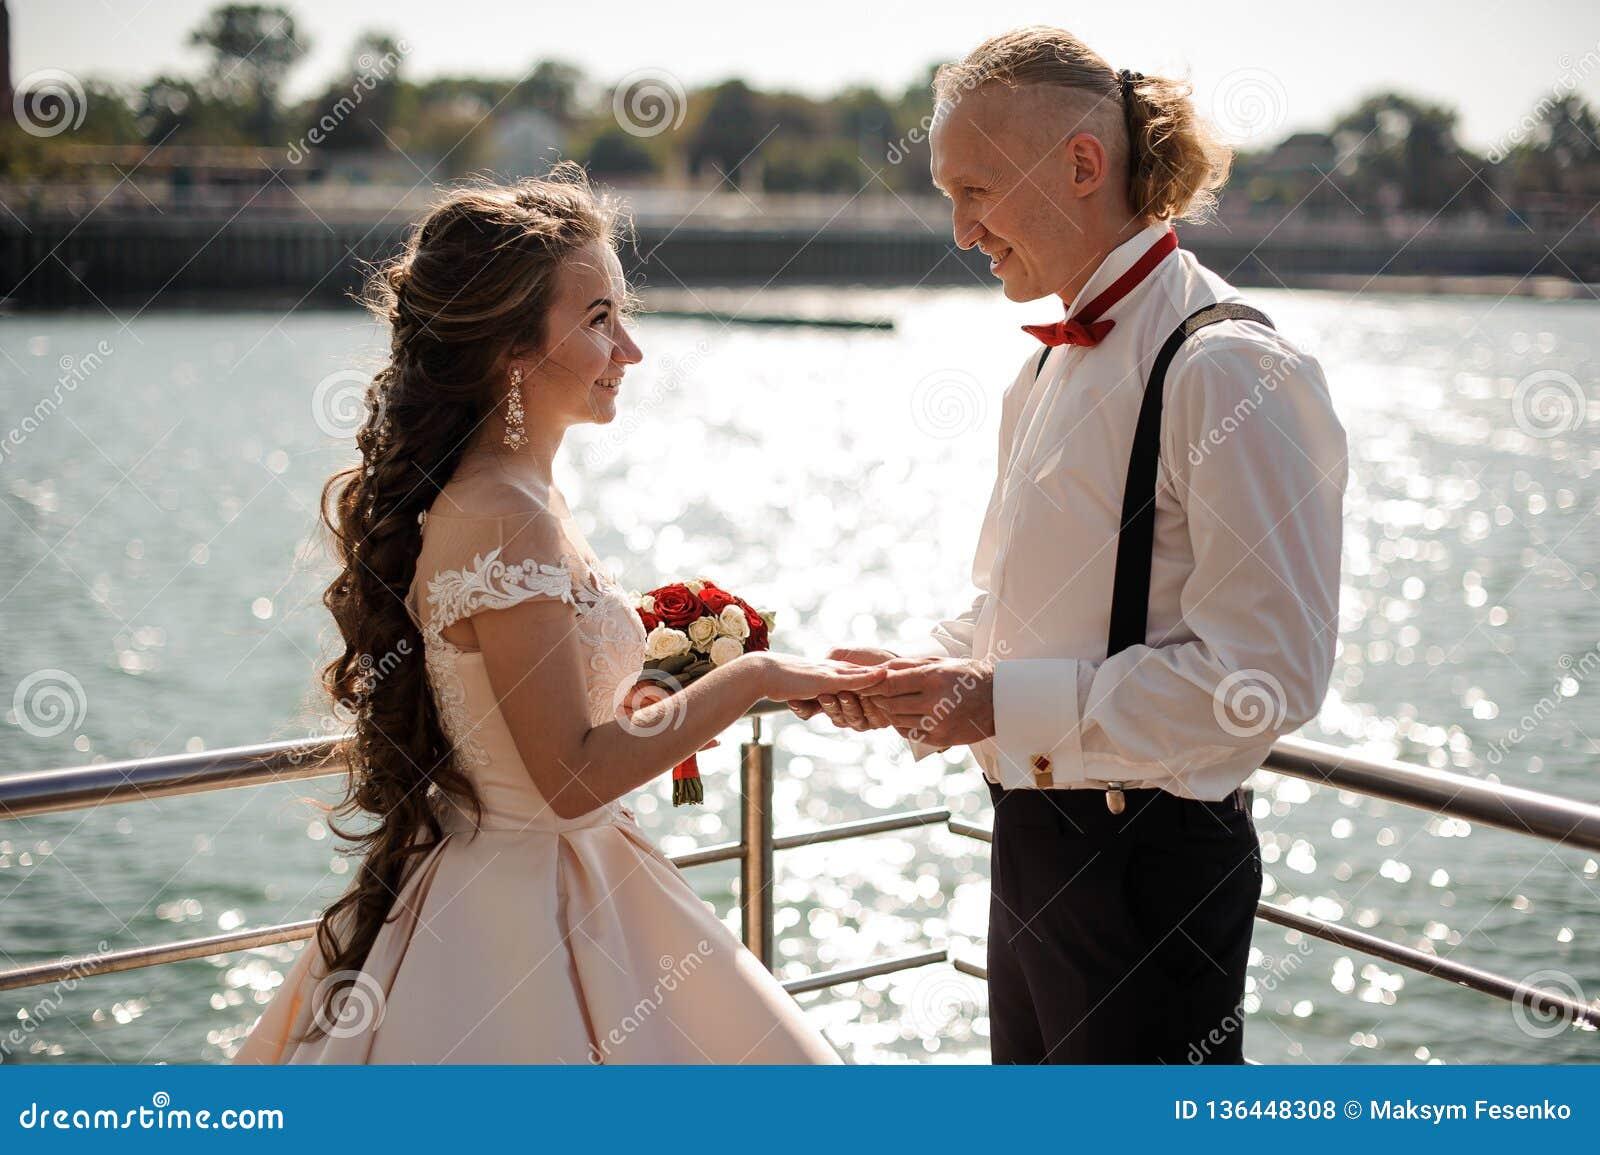 Młoda i szczęśliwa para małżeńska wymienia obrączki ślubne